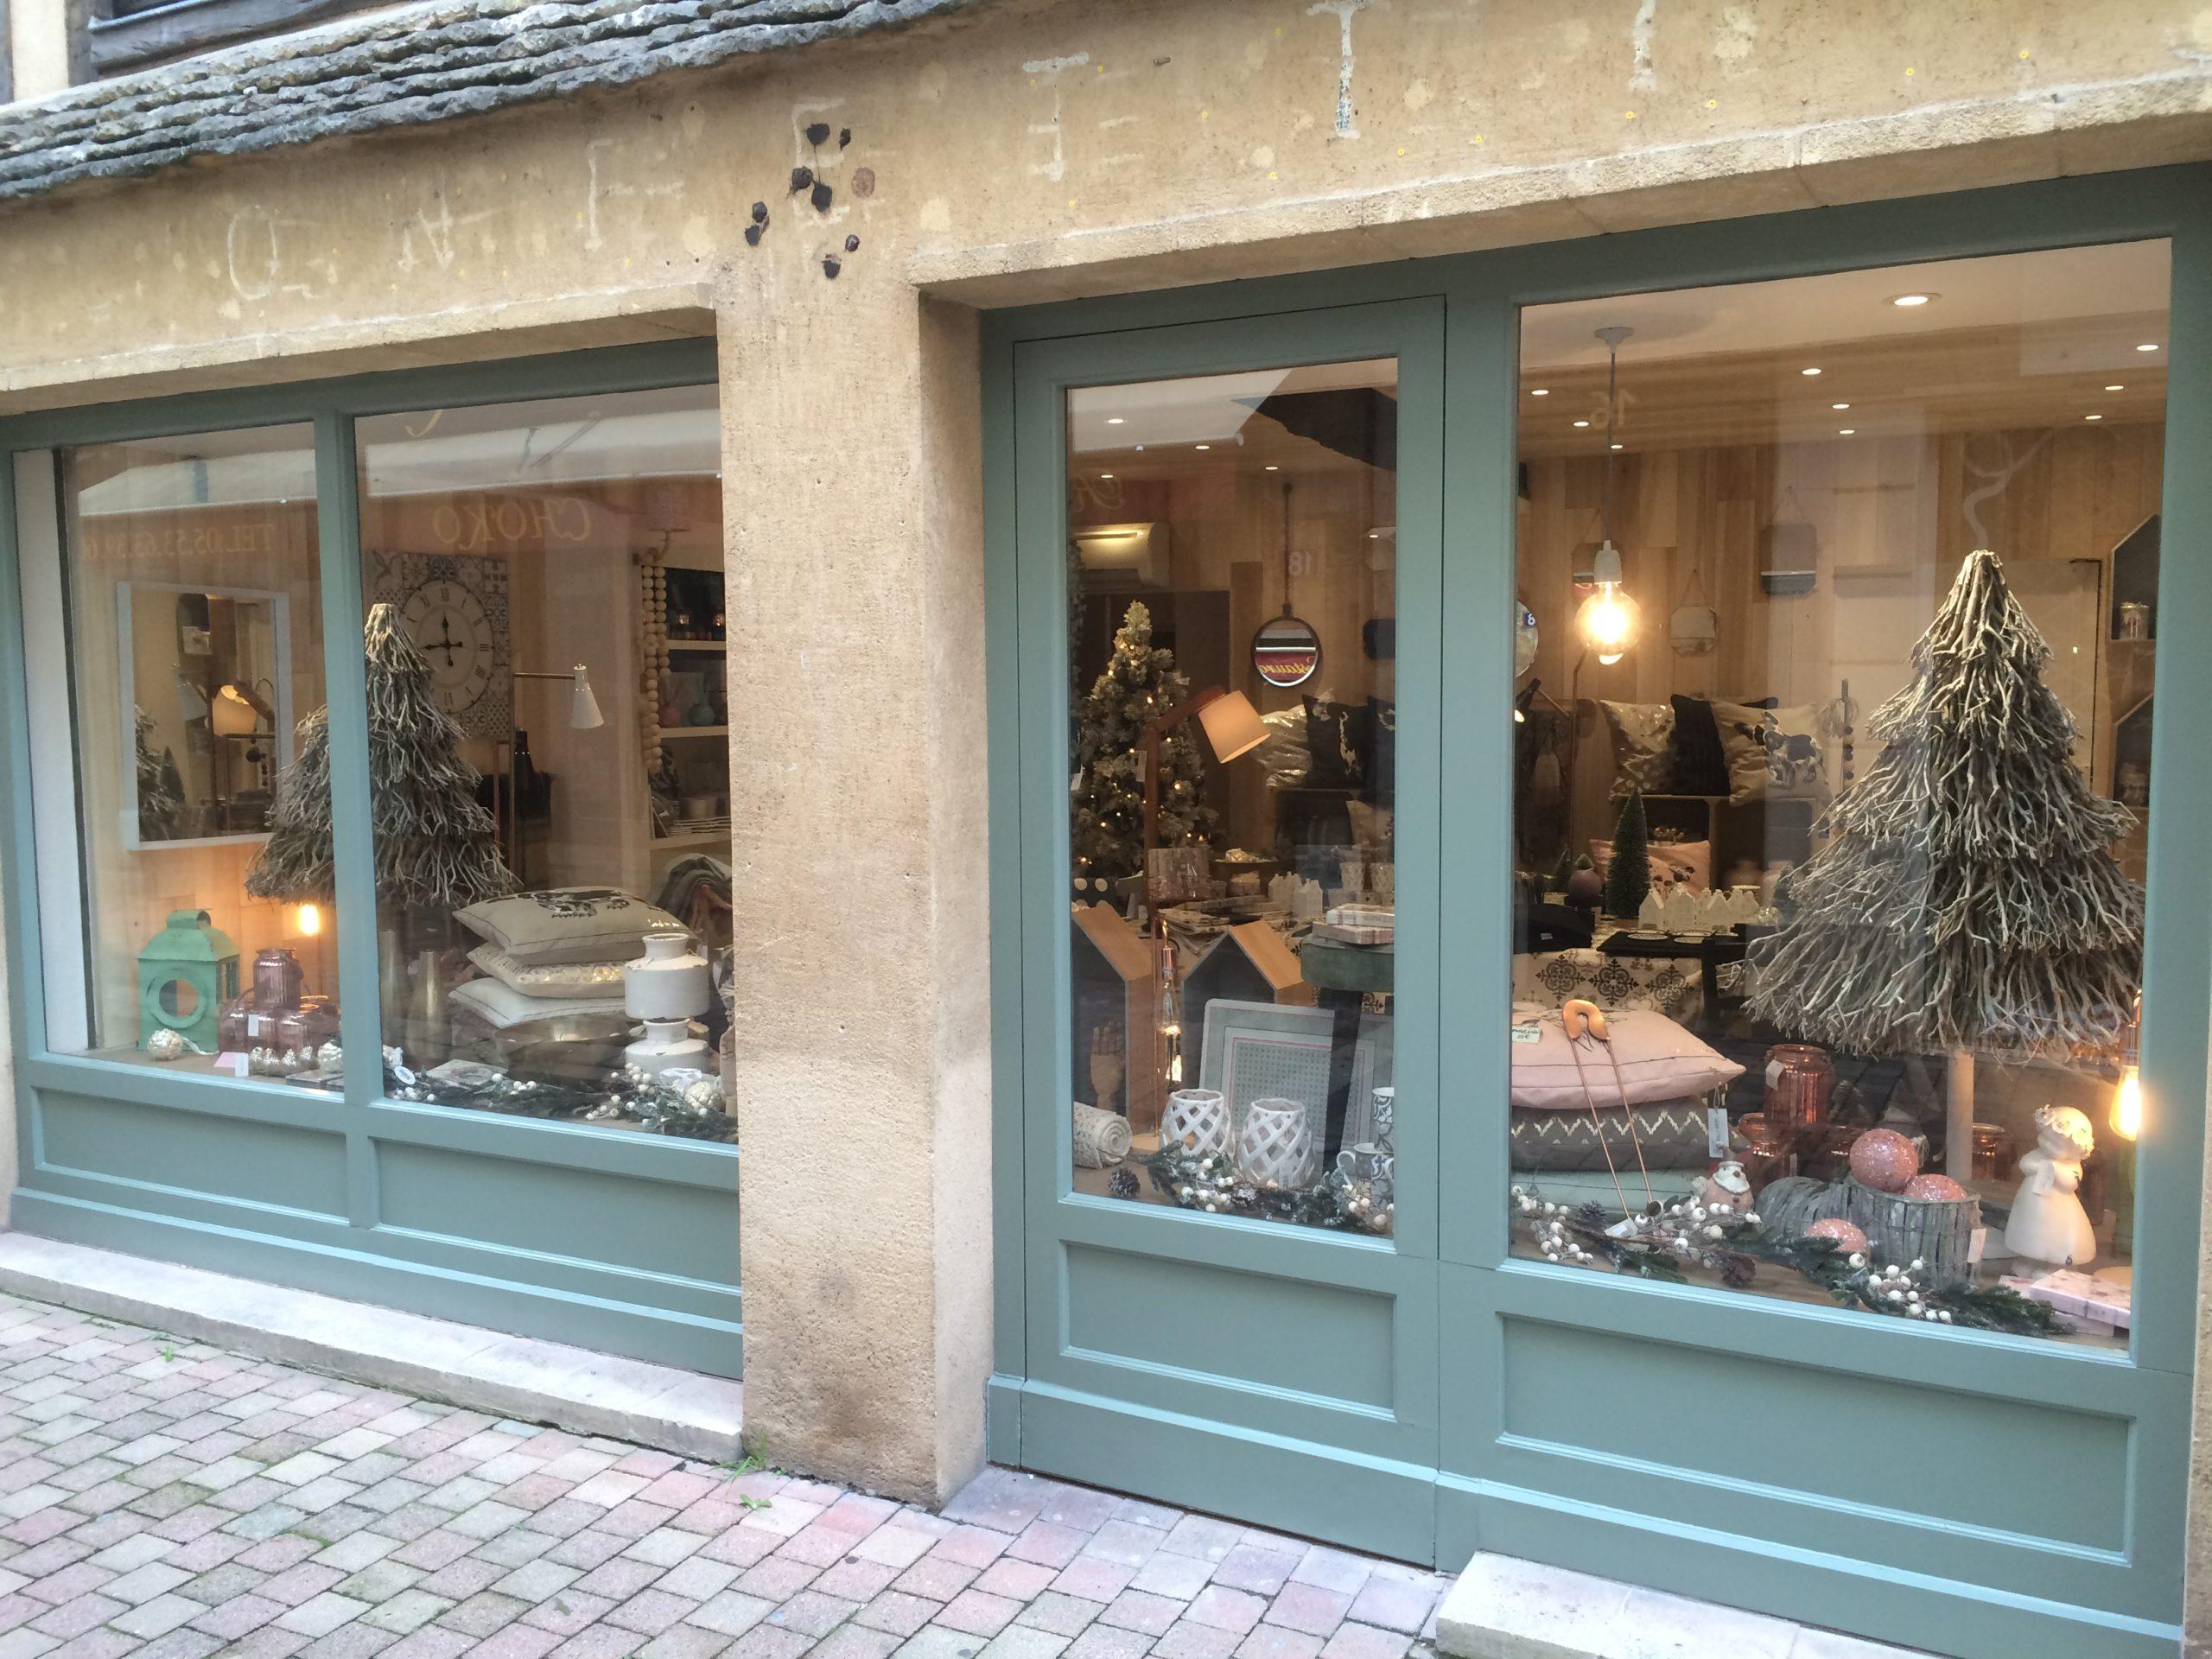 rénovations extérieure et intérieur de la boutique de décoration Le Boudoir de Zofia à Bergerac, par la SARL Marcillac et Fils